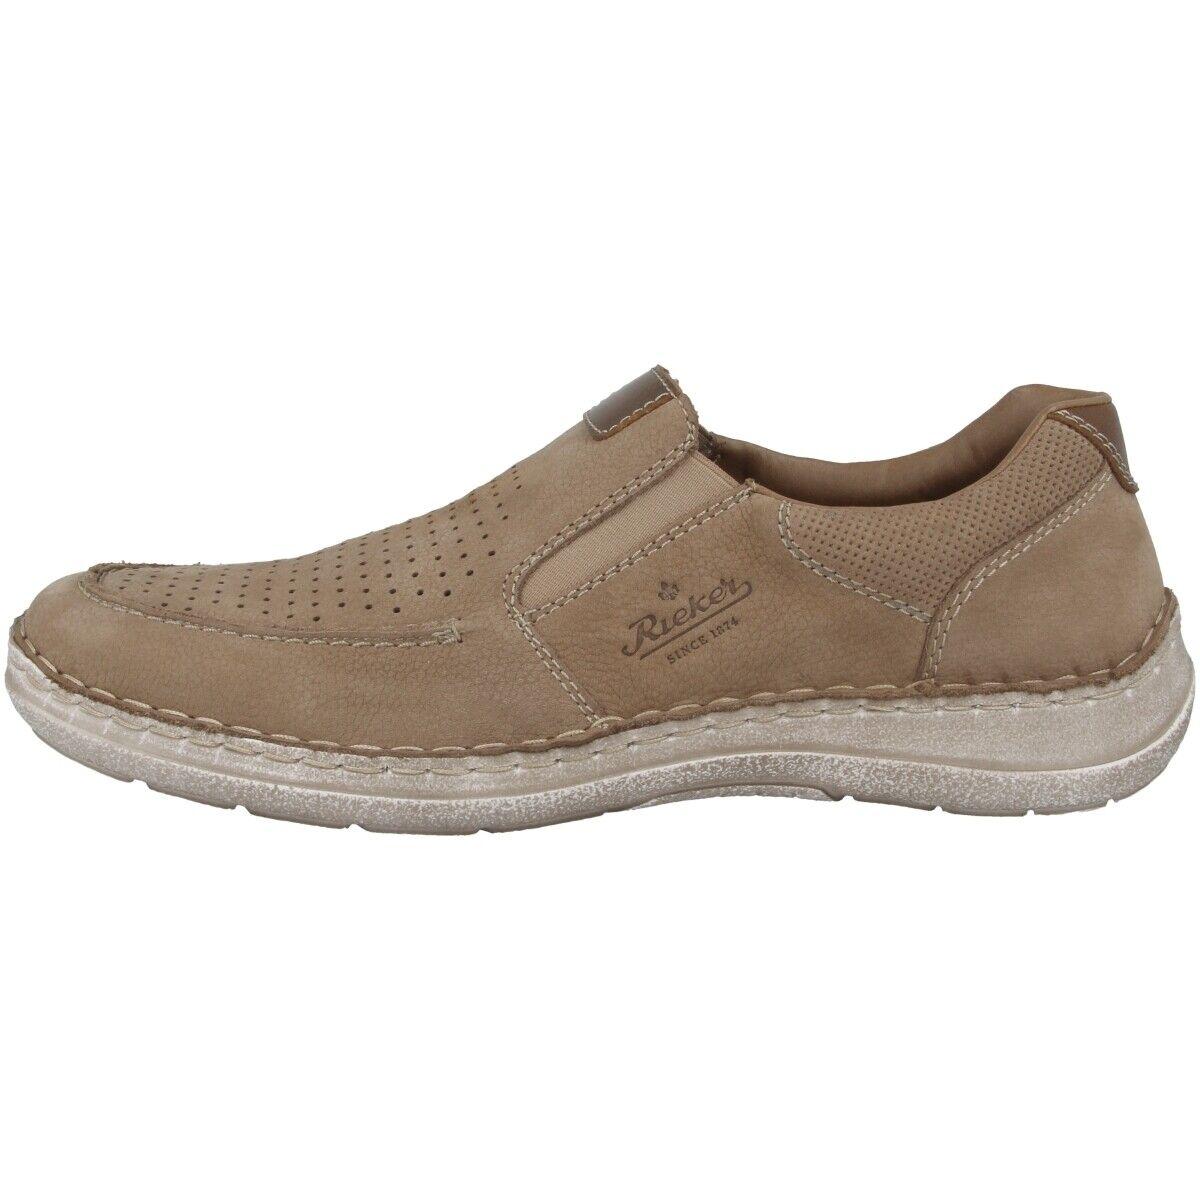 Rieker Jaipur-ambor zapatos caballero Men ocio zapato bajo mocasines Camel 03067-21